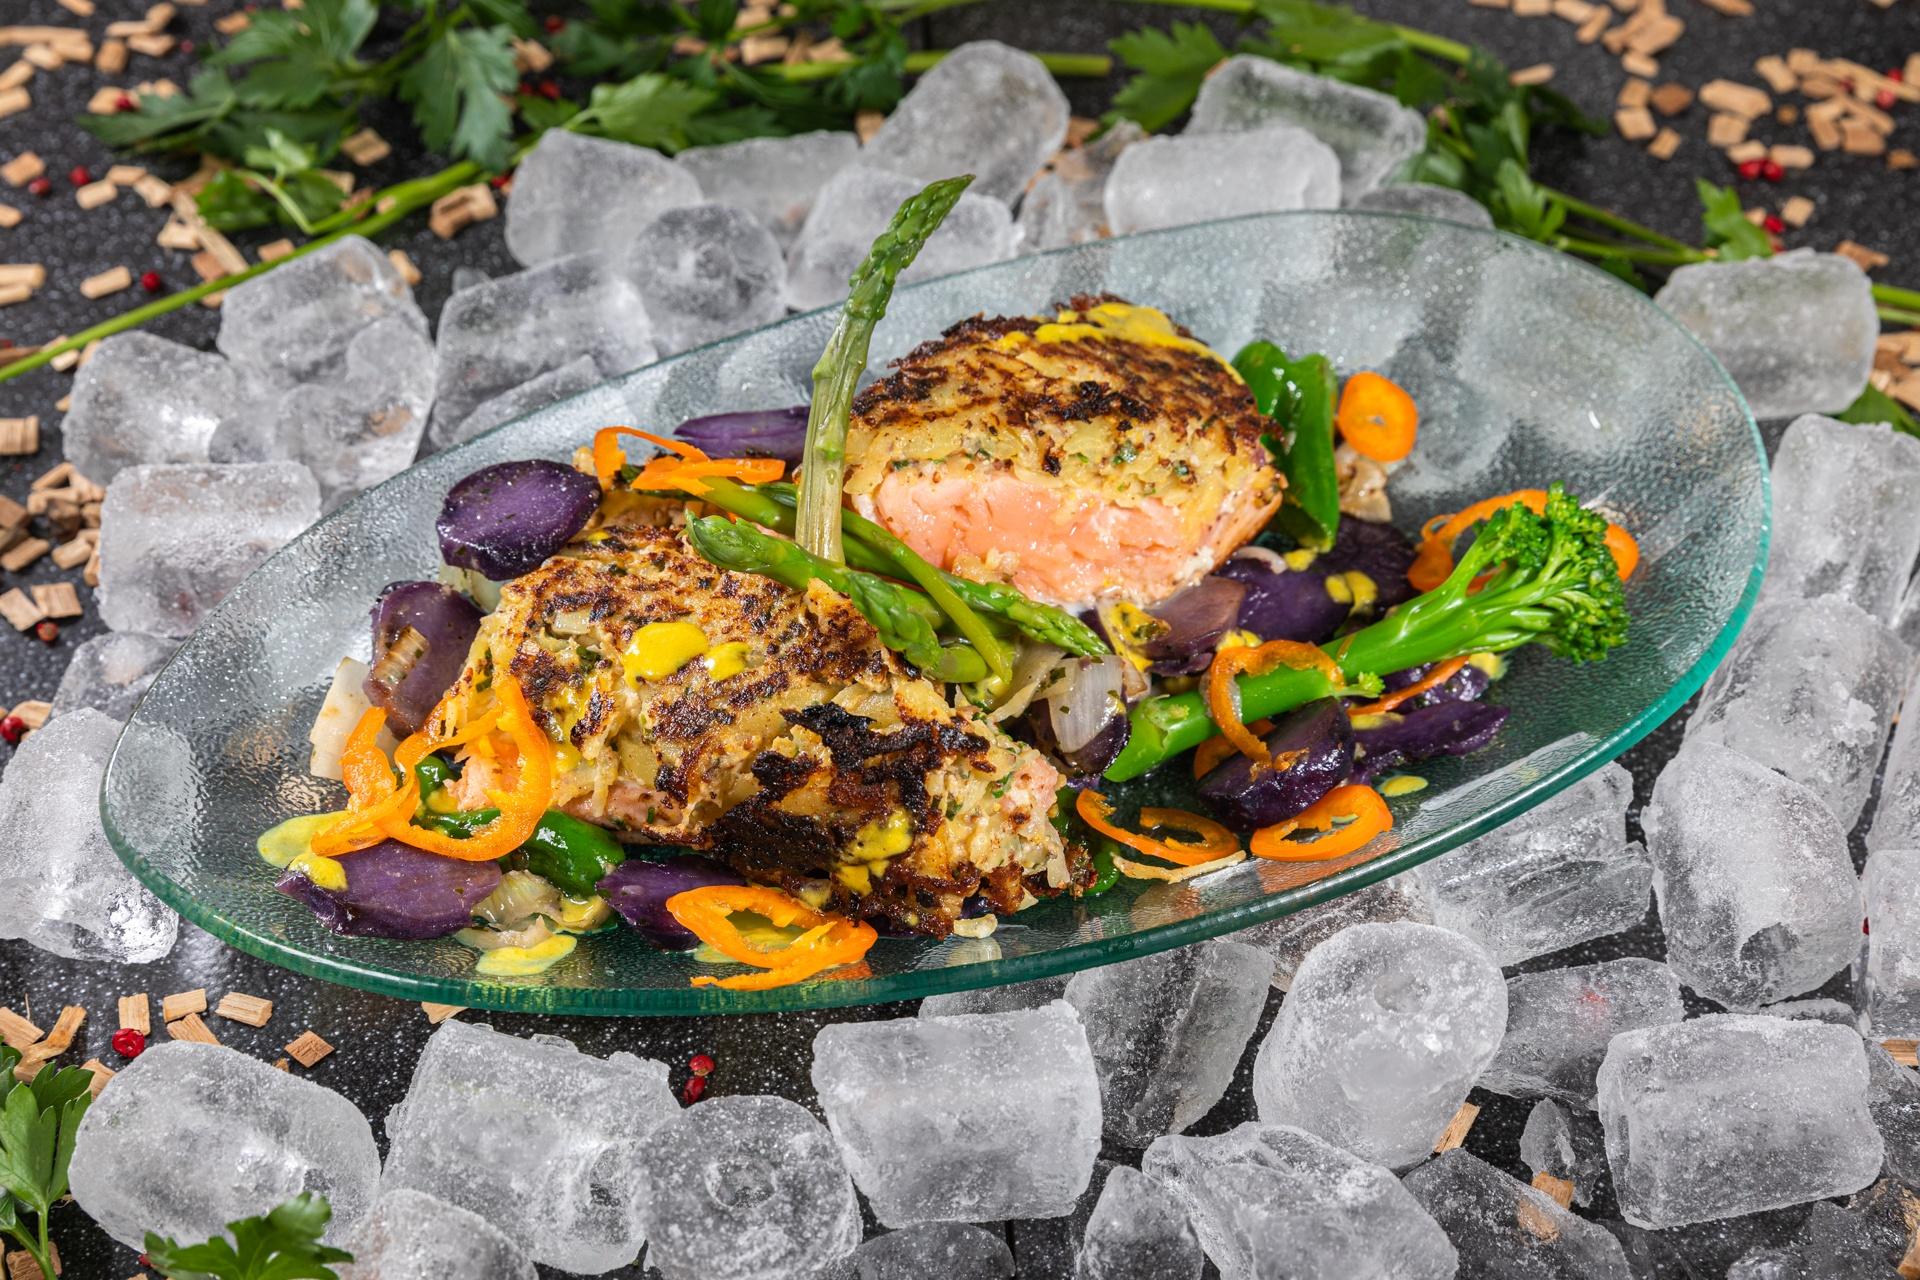 Eismeer-Lachs in Kartoffel-Senf-Röstihülle gebraten mit Thaispargel, Brokkolini und gegrillten blauen Röstkartoffelspitzen